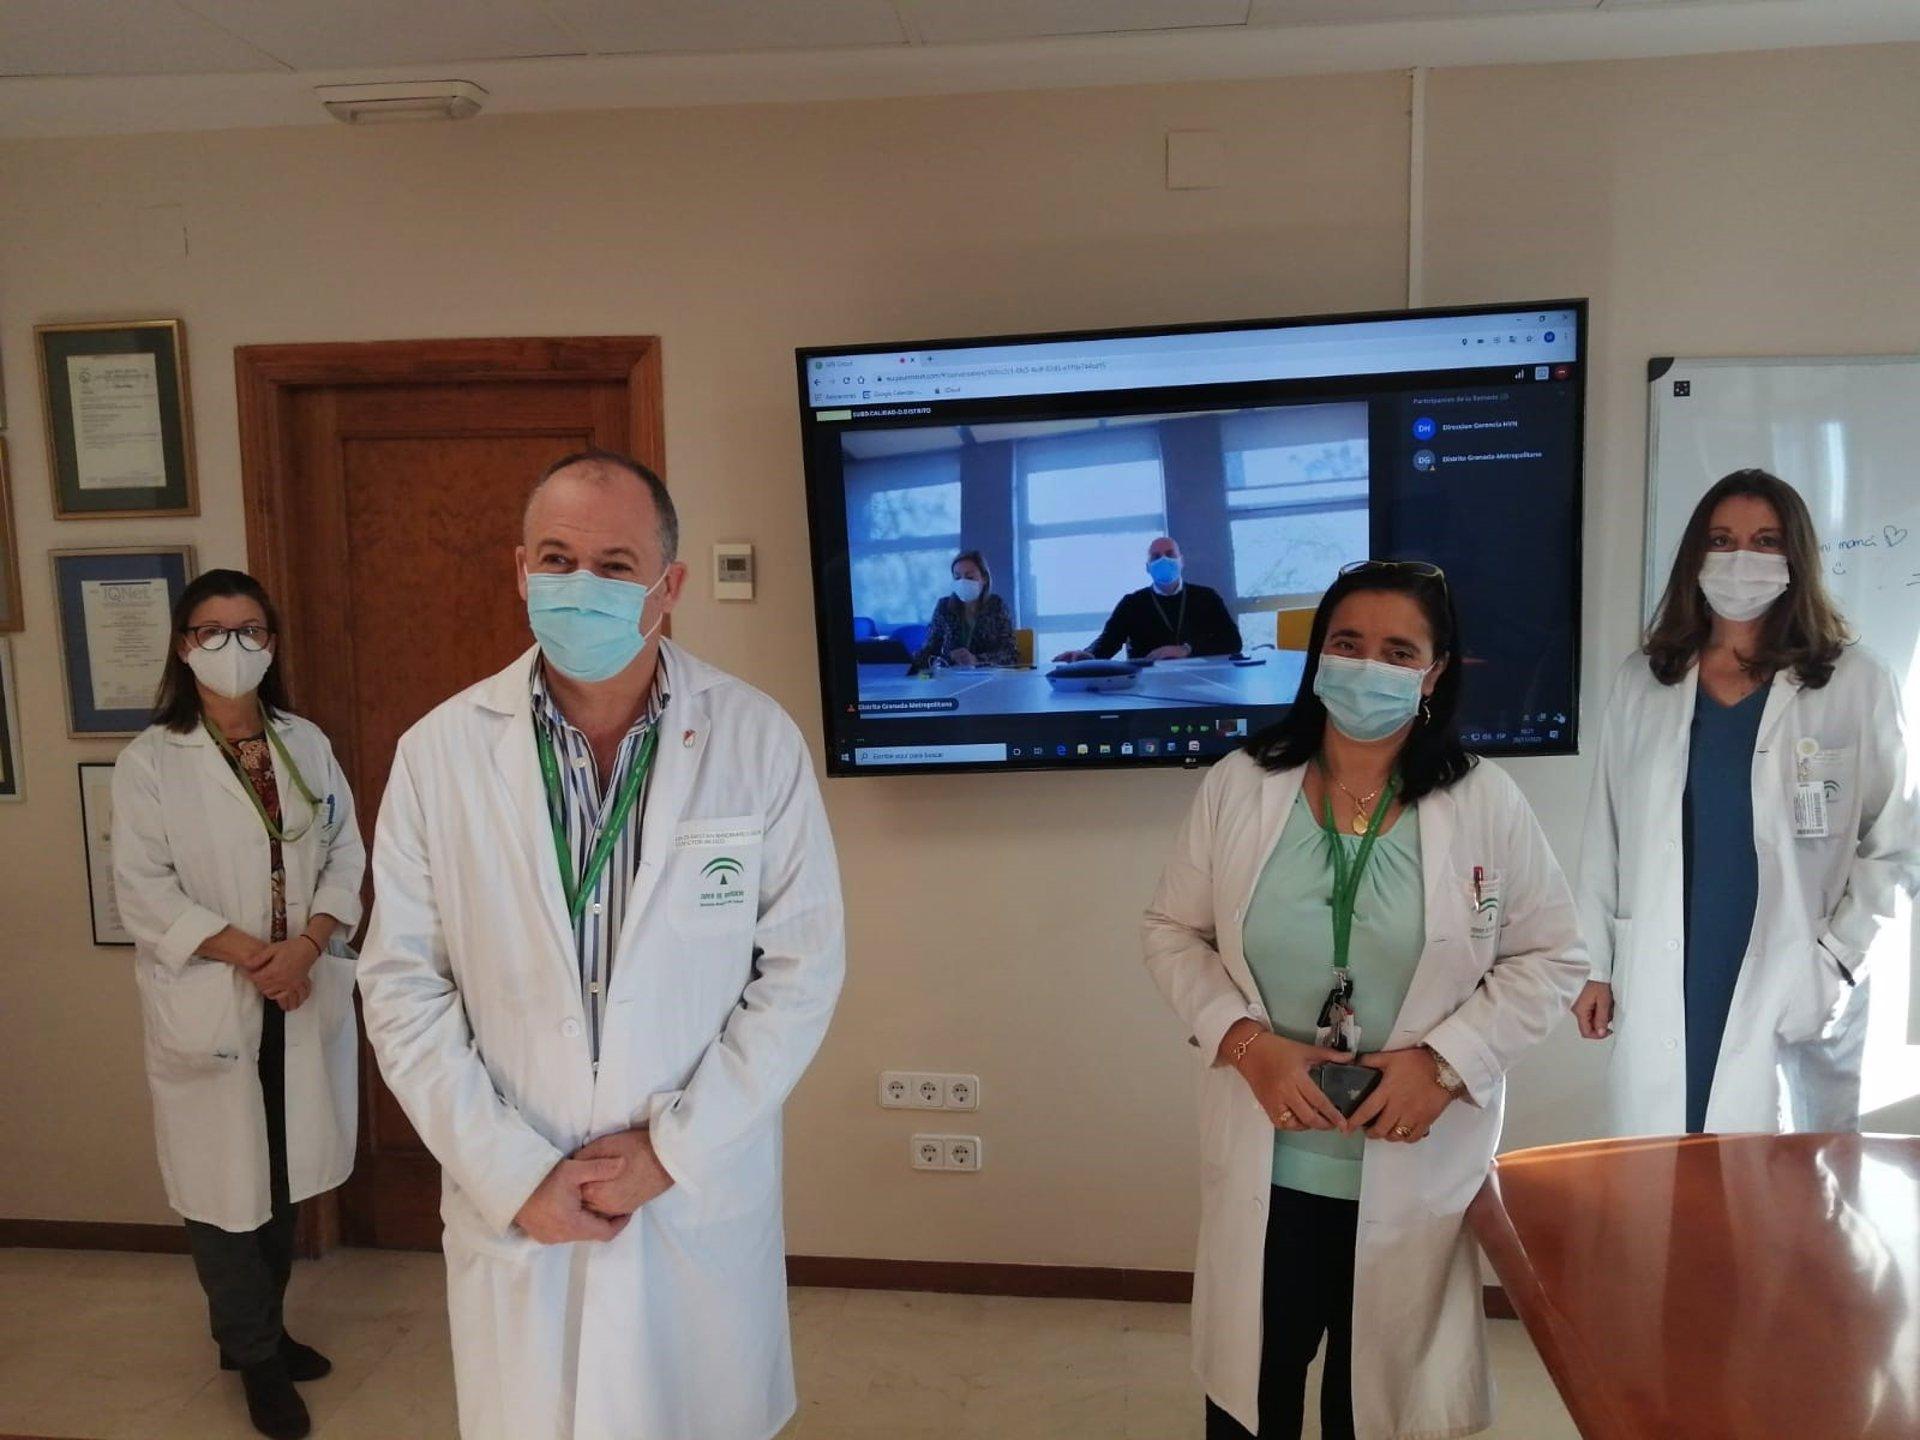 El Hospital Virgen de las Nieves inicia la hospitalización domiciliaria neumológica para pacientes con EPOC